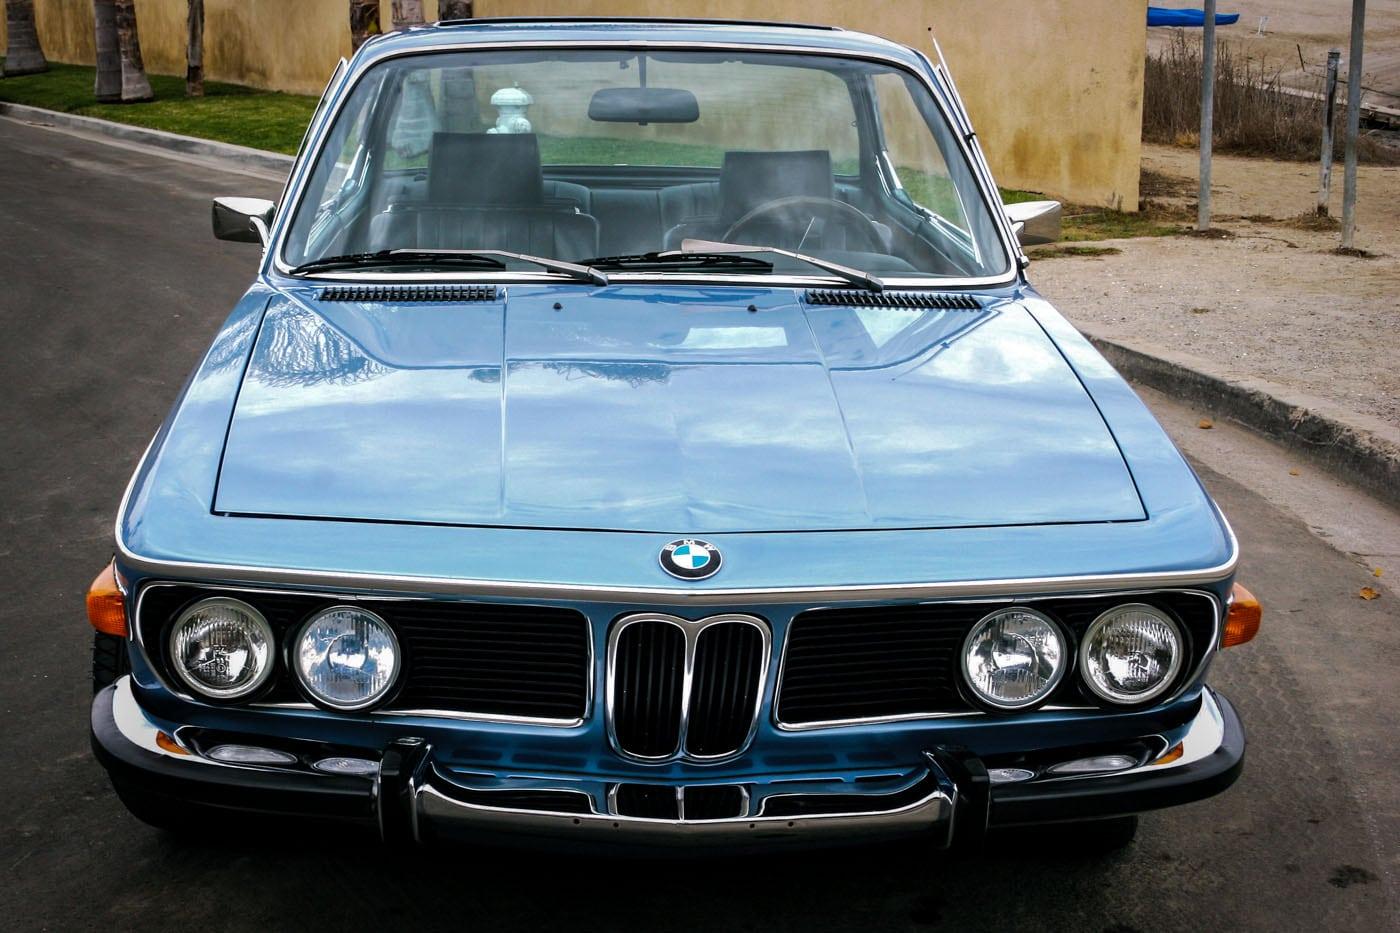 Фото BMW 3.0 CS. Фотограф Afshin Behnia